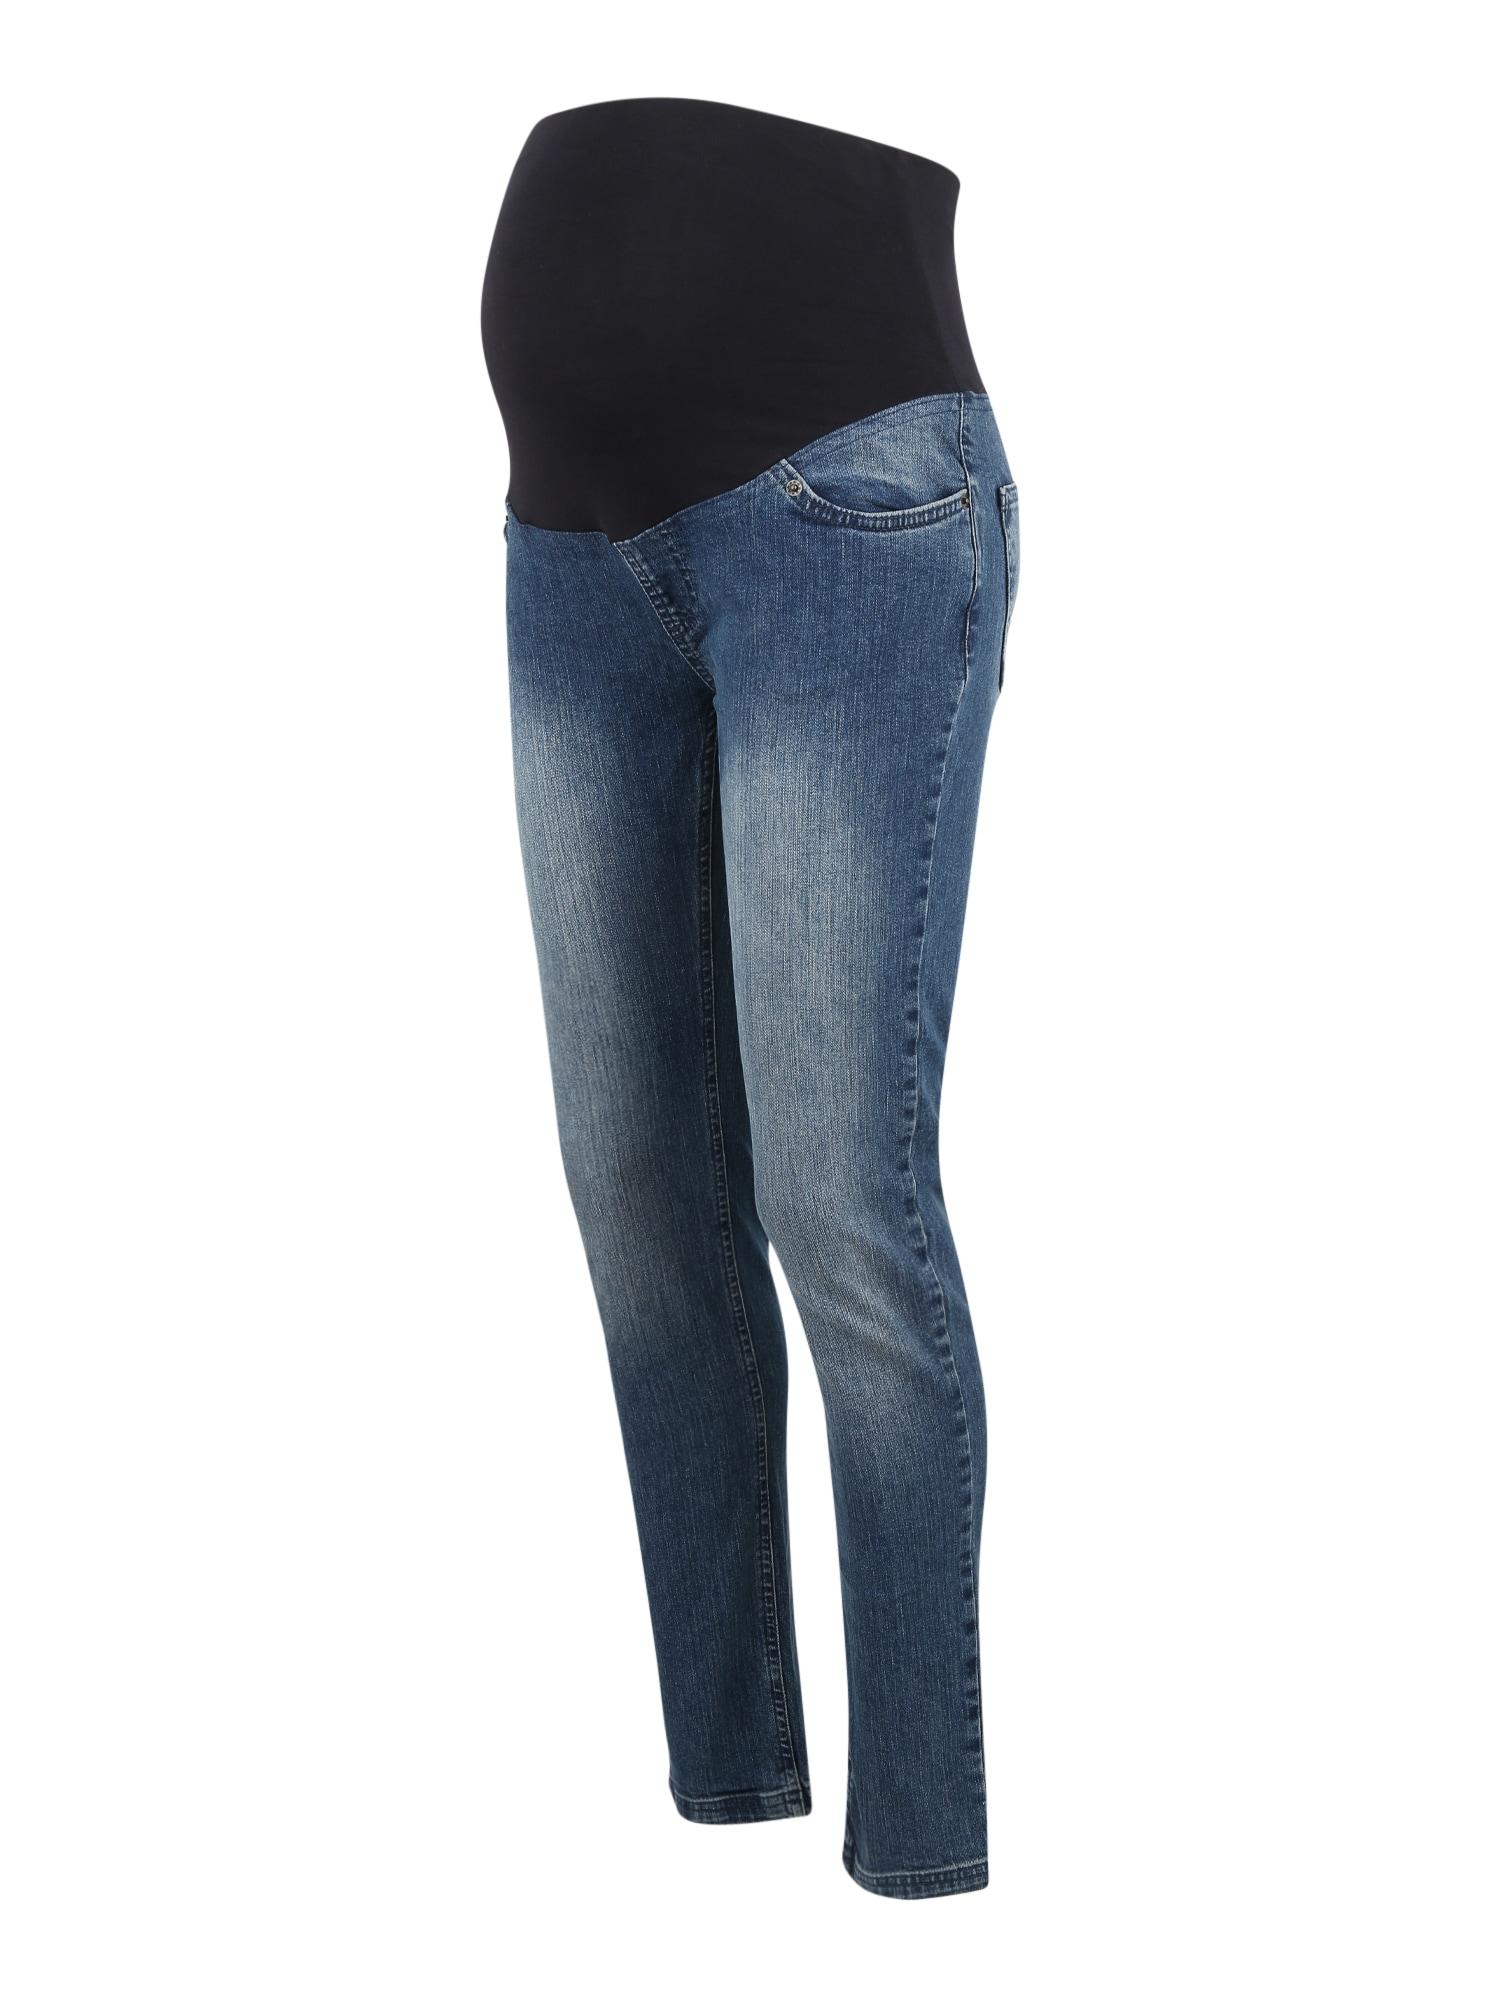 JoJo Maman Bébé Džinsai tamsiai (džinso) mėlyna